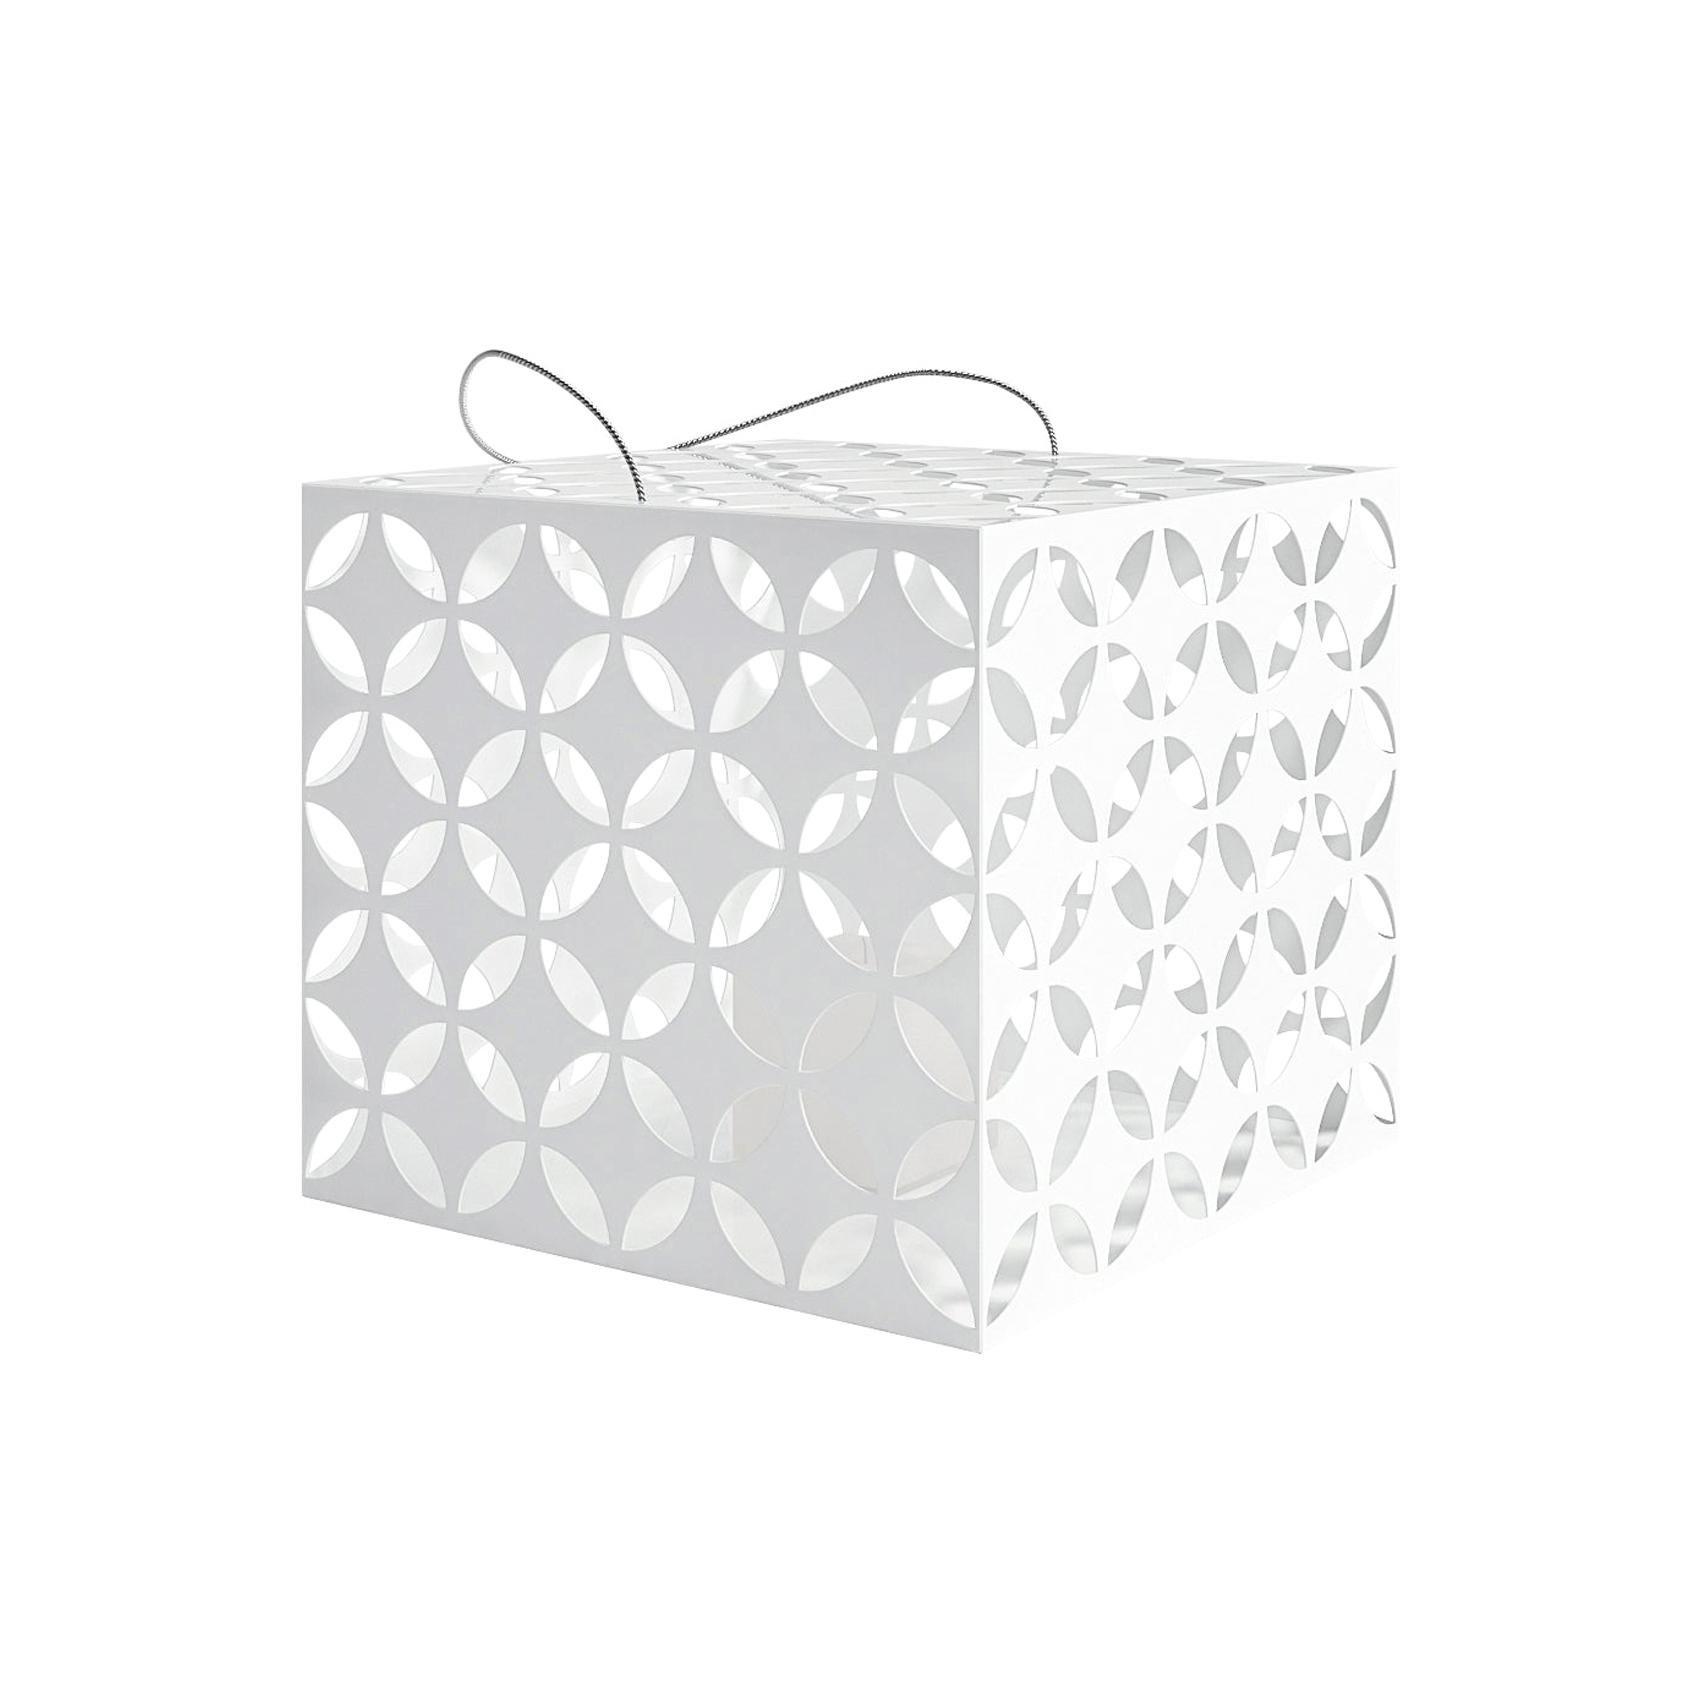 Gandia Blasco Touareg Large Candle Box by Sandra Figuerola